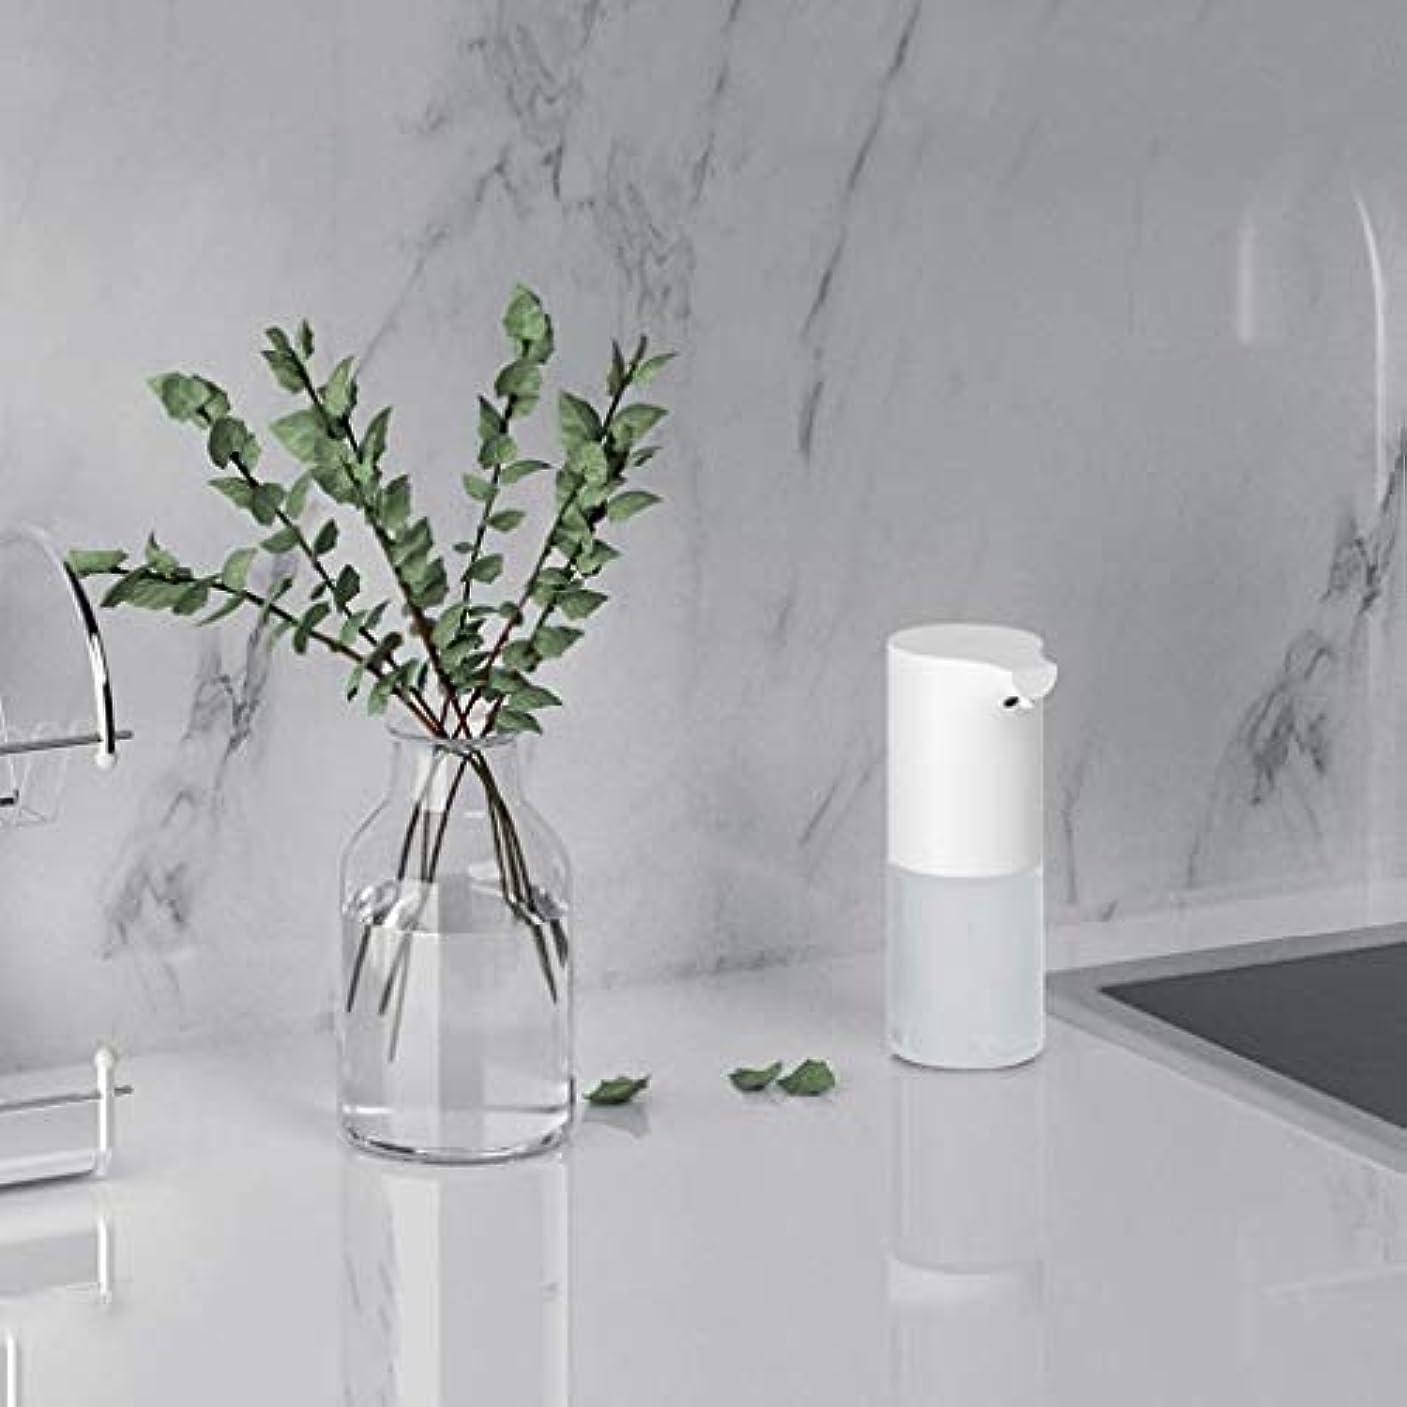 姿を消すかろうじて十分赤外線センサー泡手消毒剤320ミリリットル環境保護素材石鹸ボトルキッチンバスルームローション(色:白、サイズ:19 * 9.8 * 7.3 cm) (Color : White, Size : 19*9.8*7.3cm)